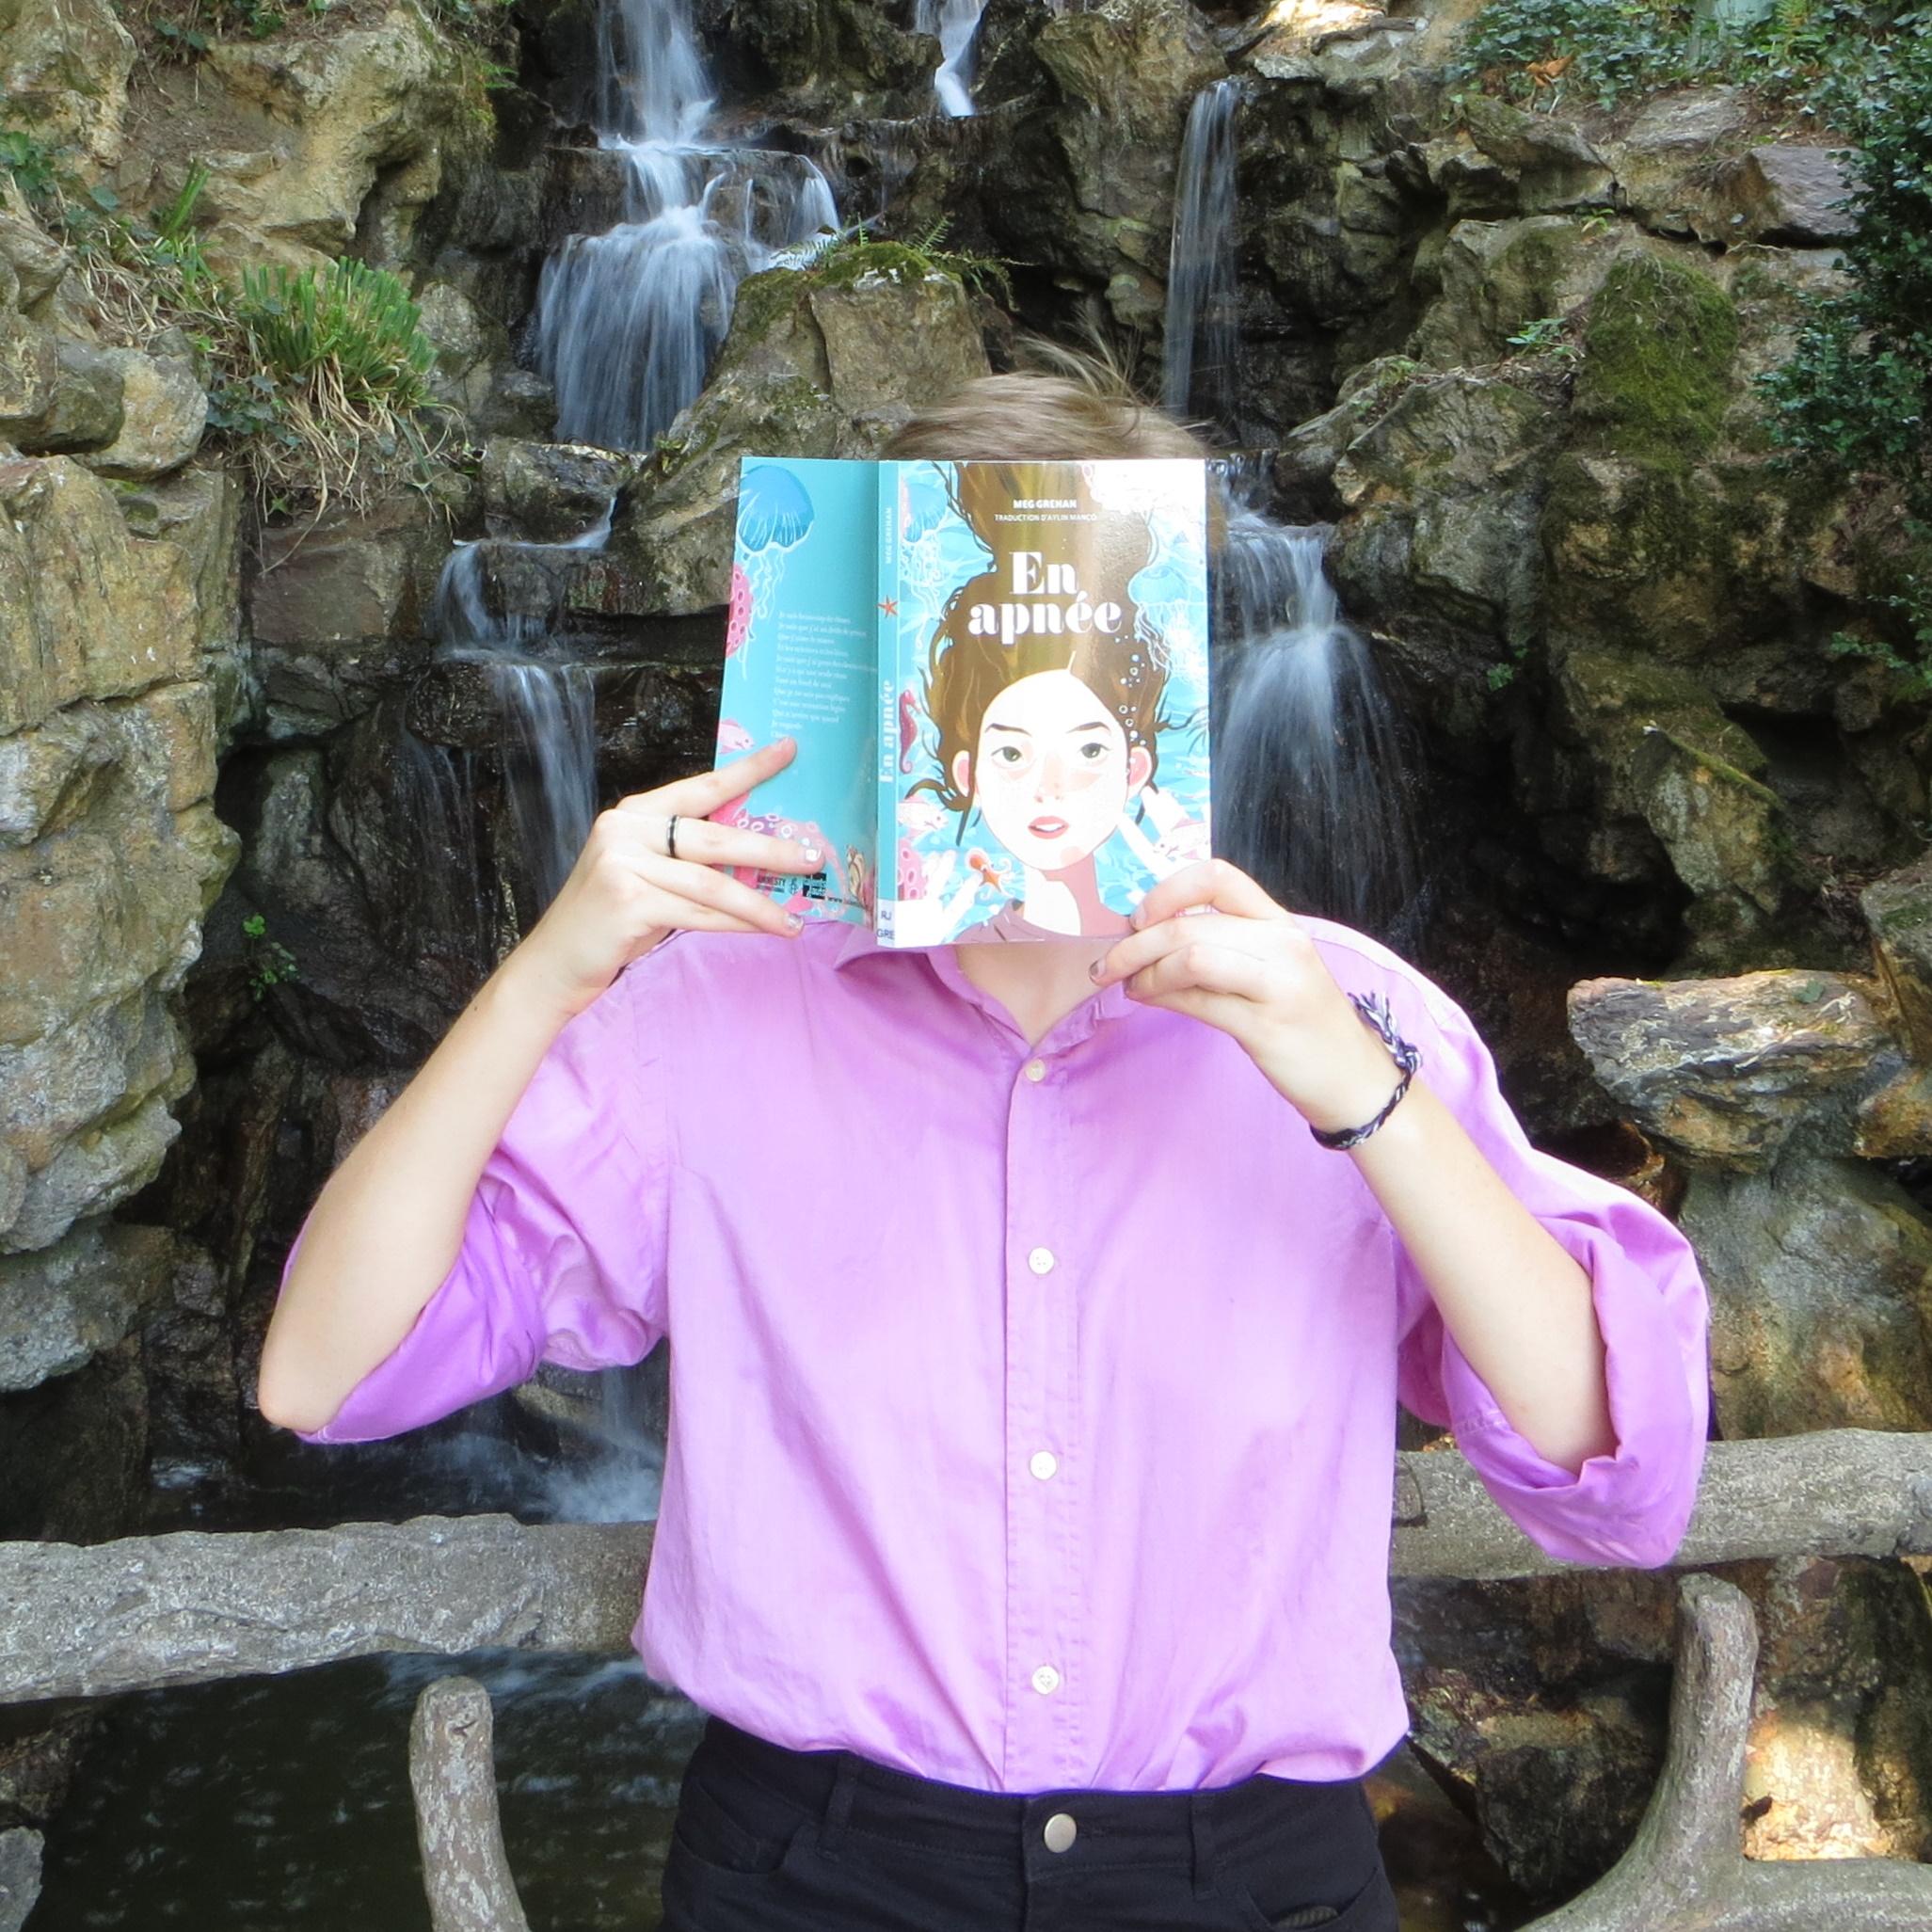 personne en chemise rose lisant En Apnée de Meg Grehan devant une cascade